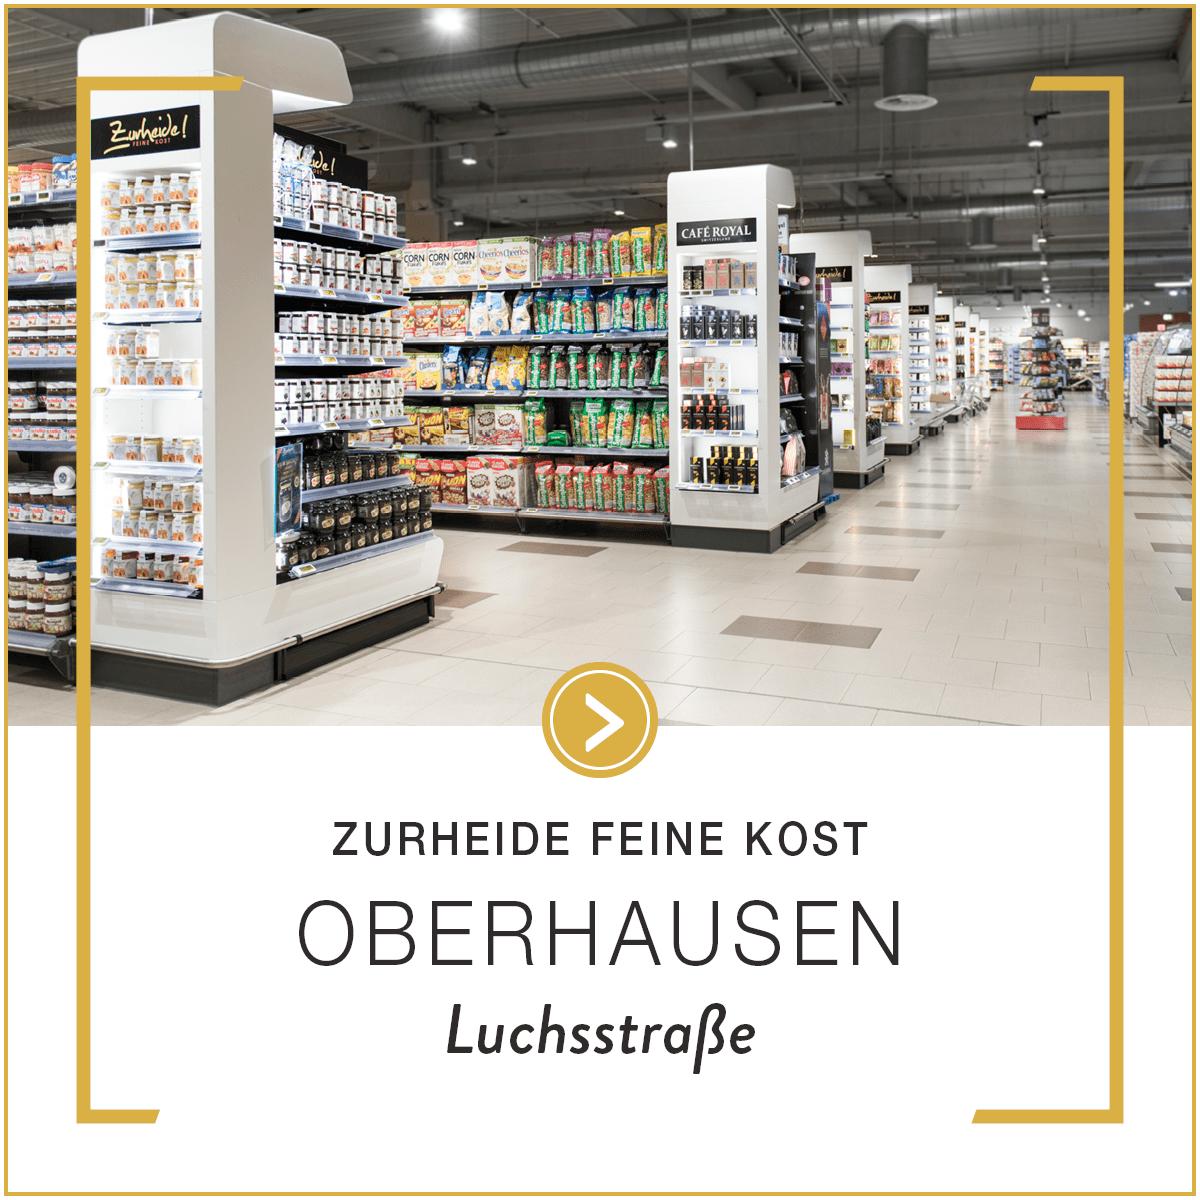 Zurheide Feine Kost Oberhausen